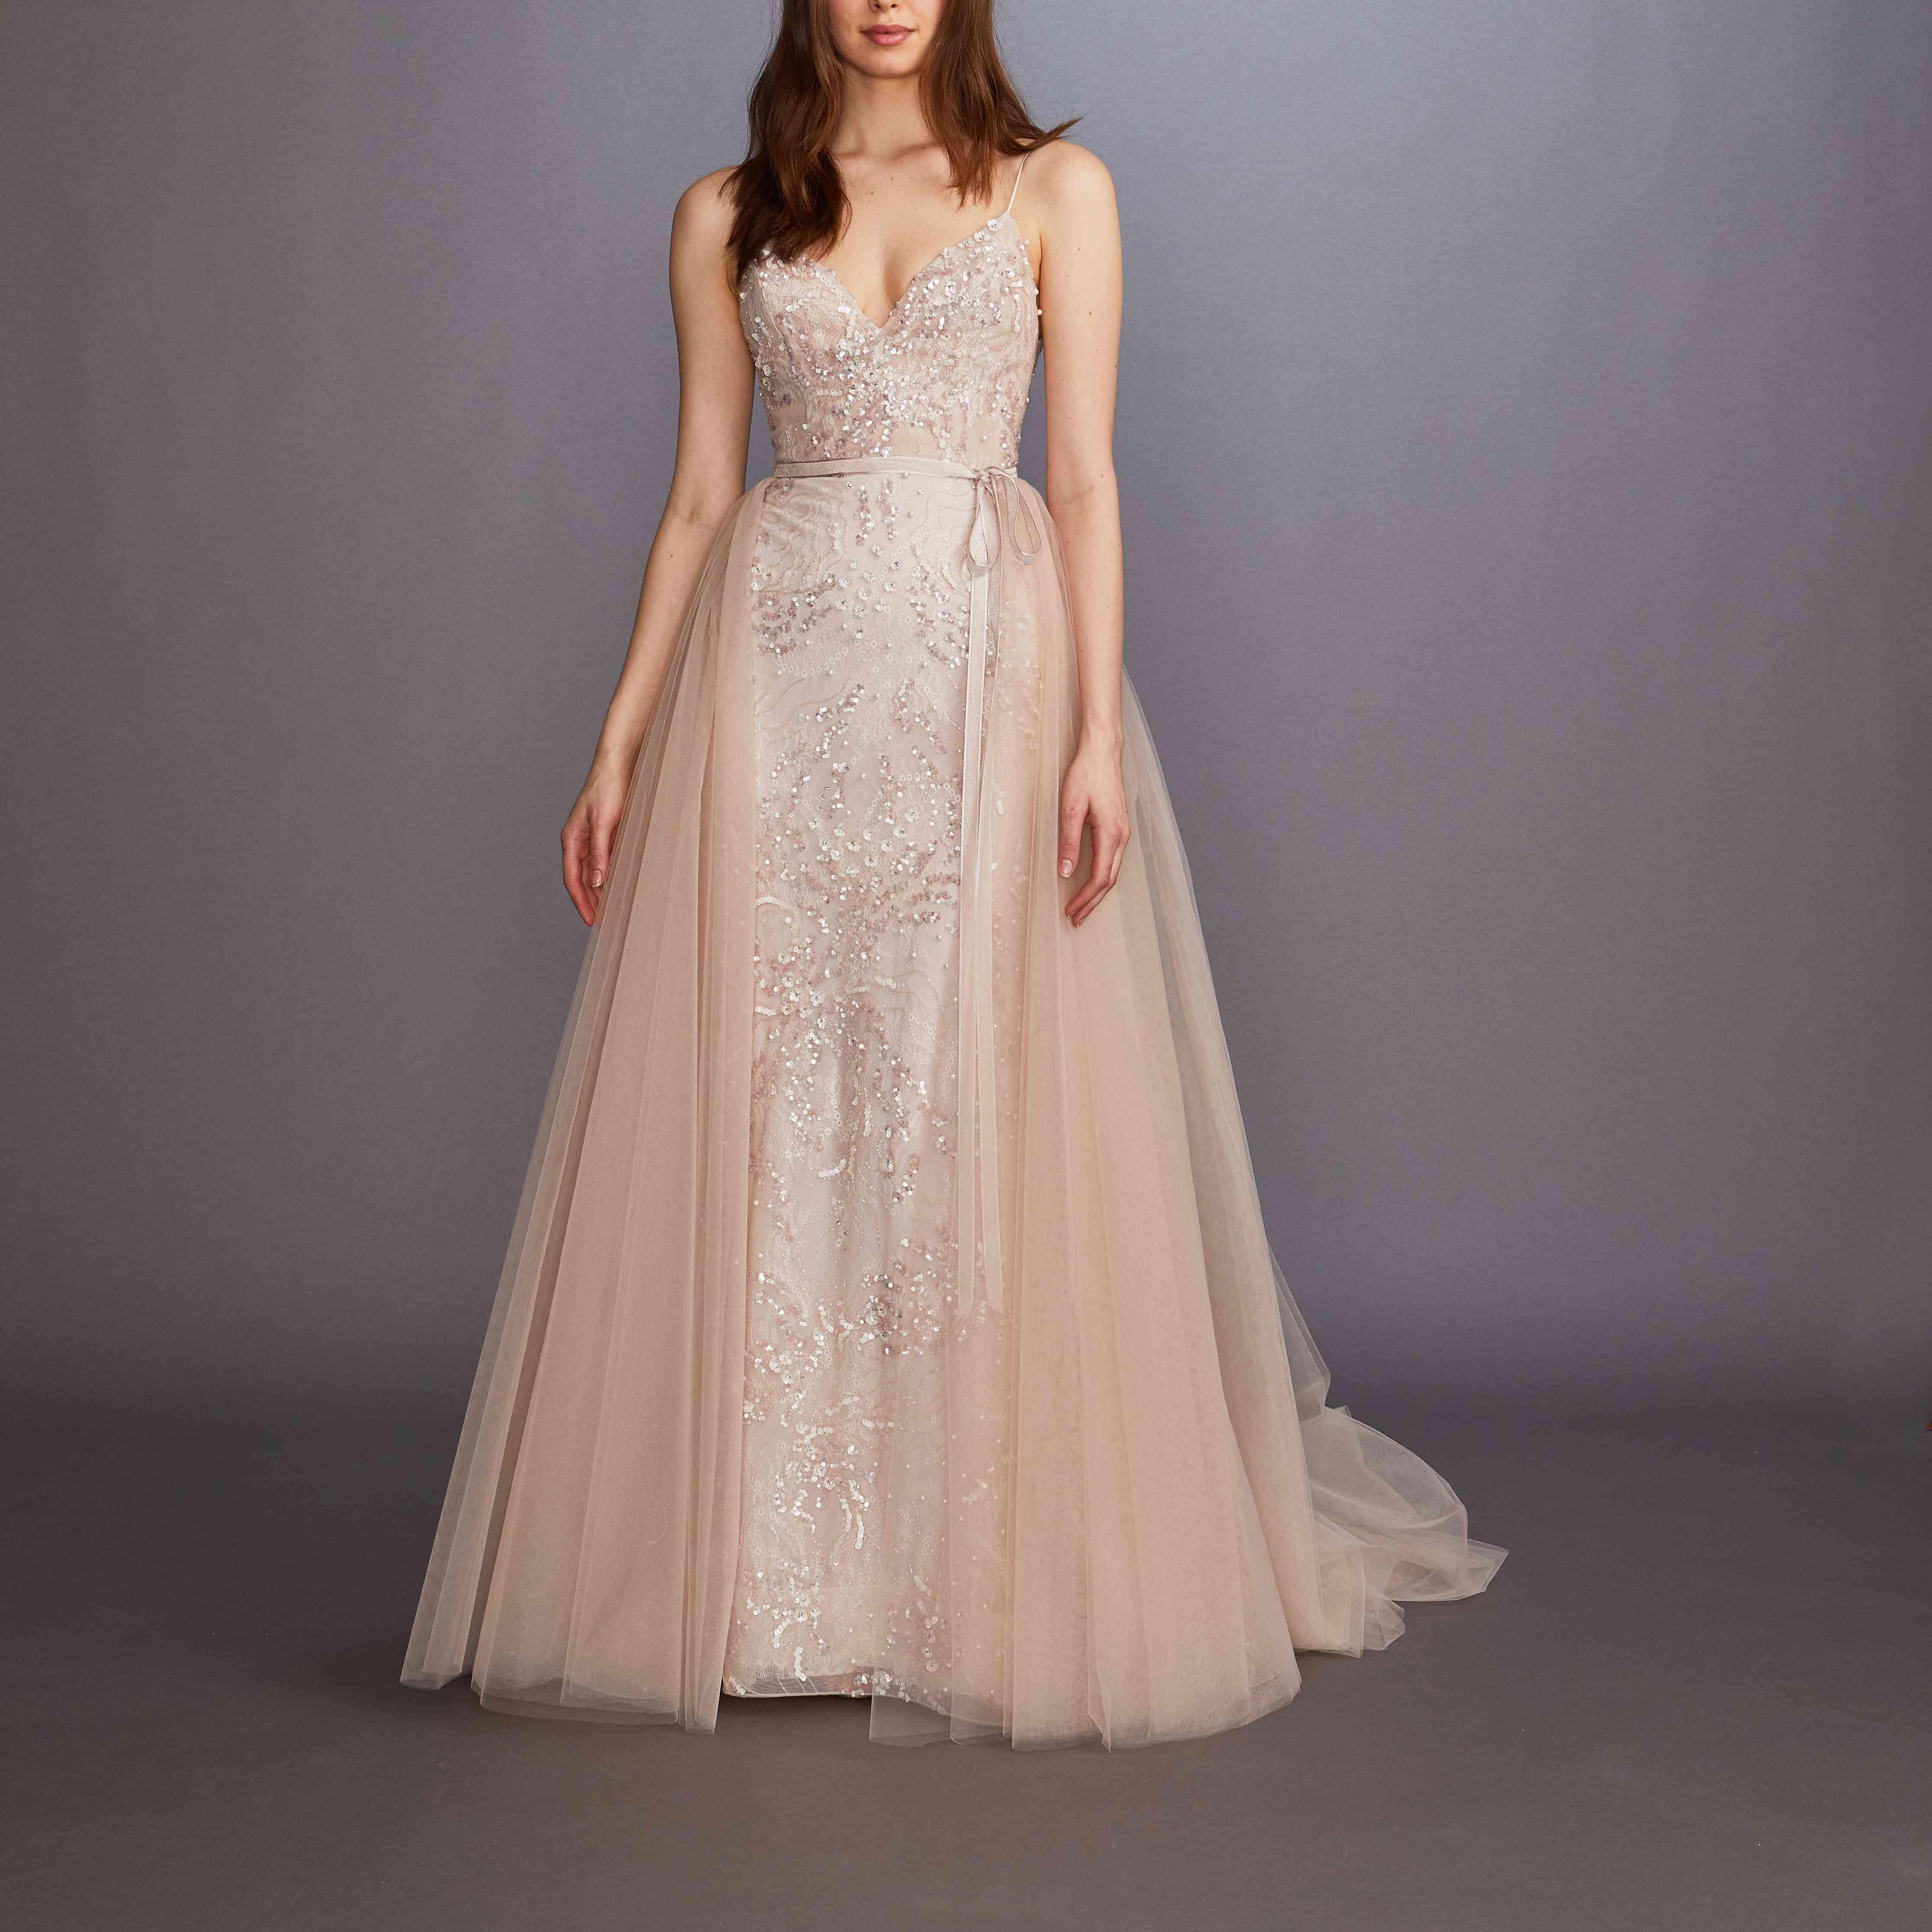 Ayana blush sleeveless wedding dress by Lazaro